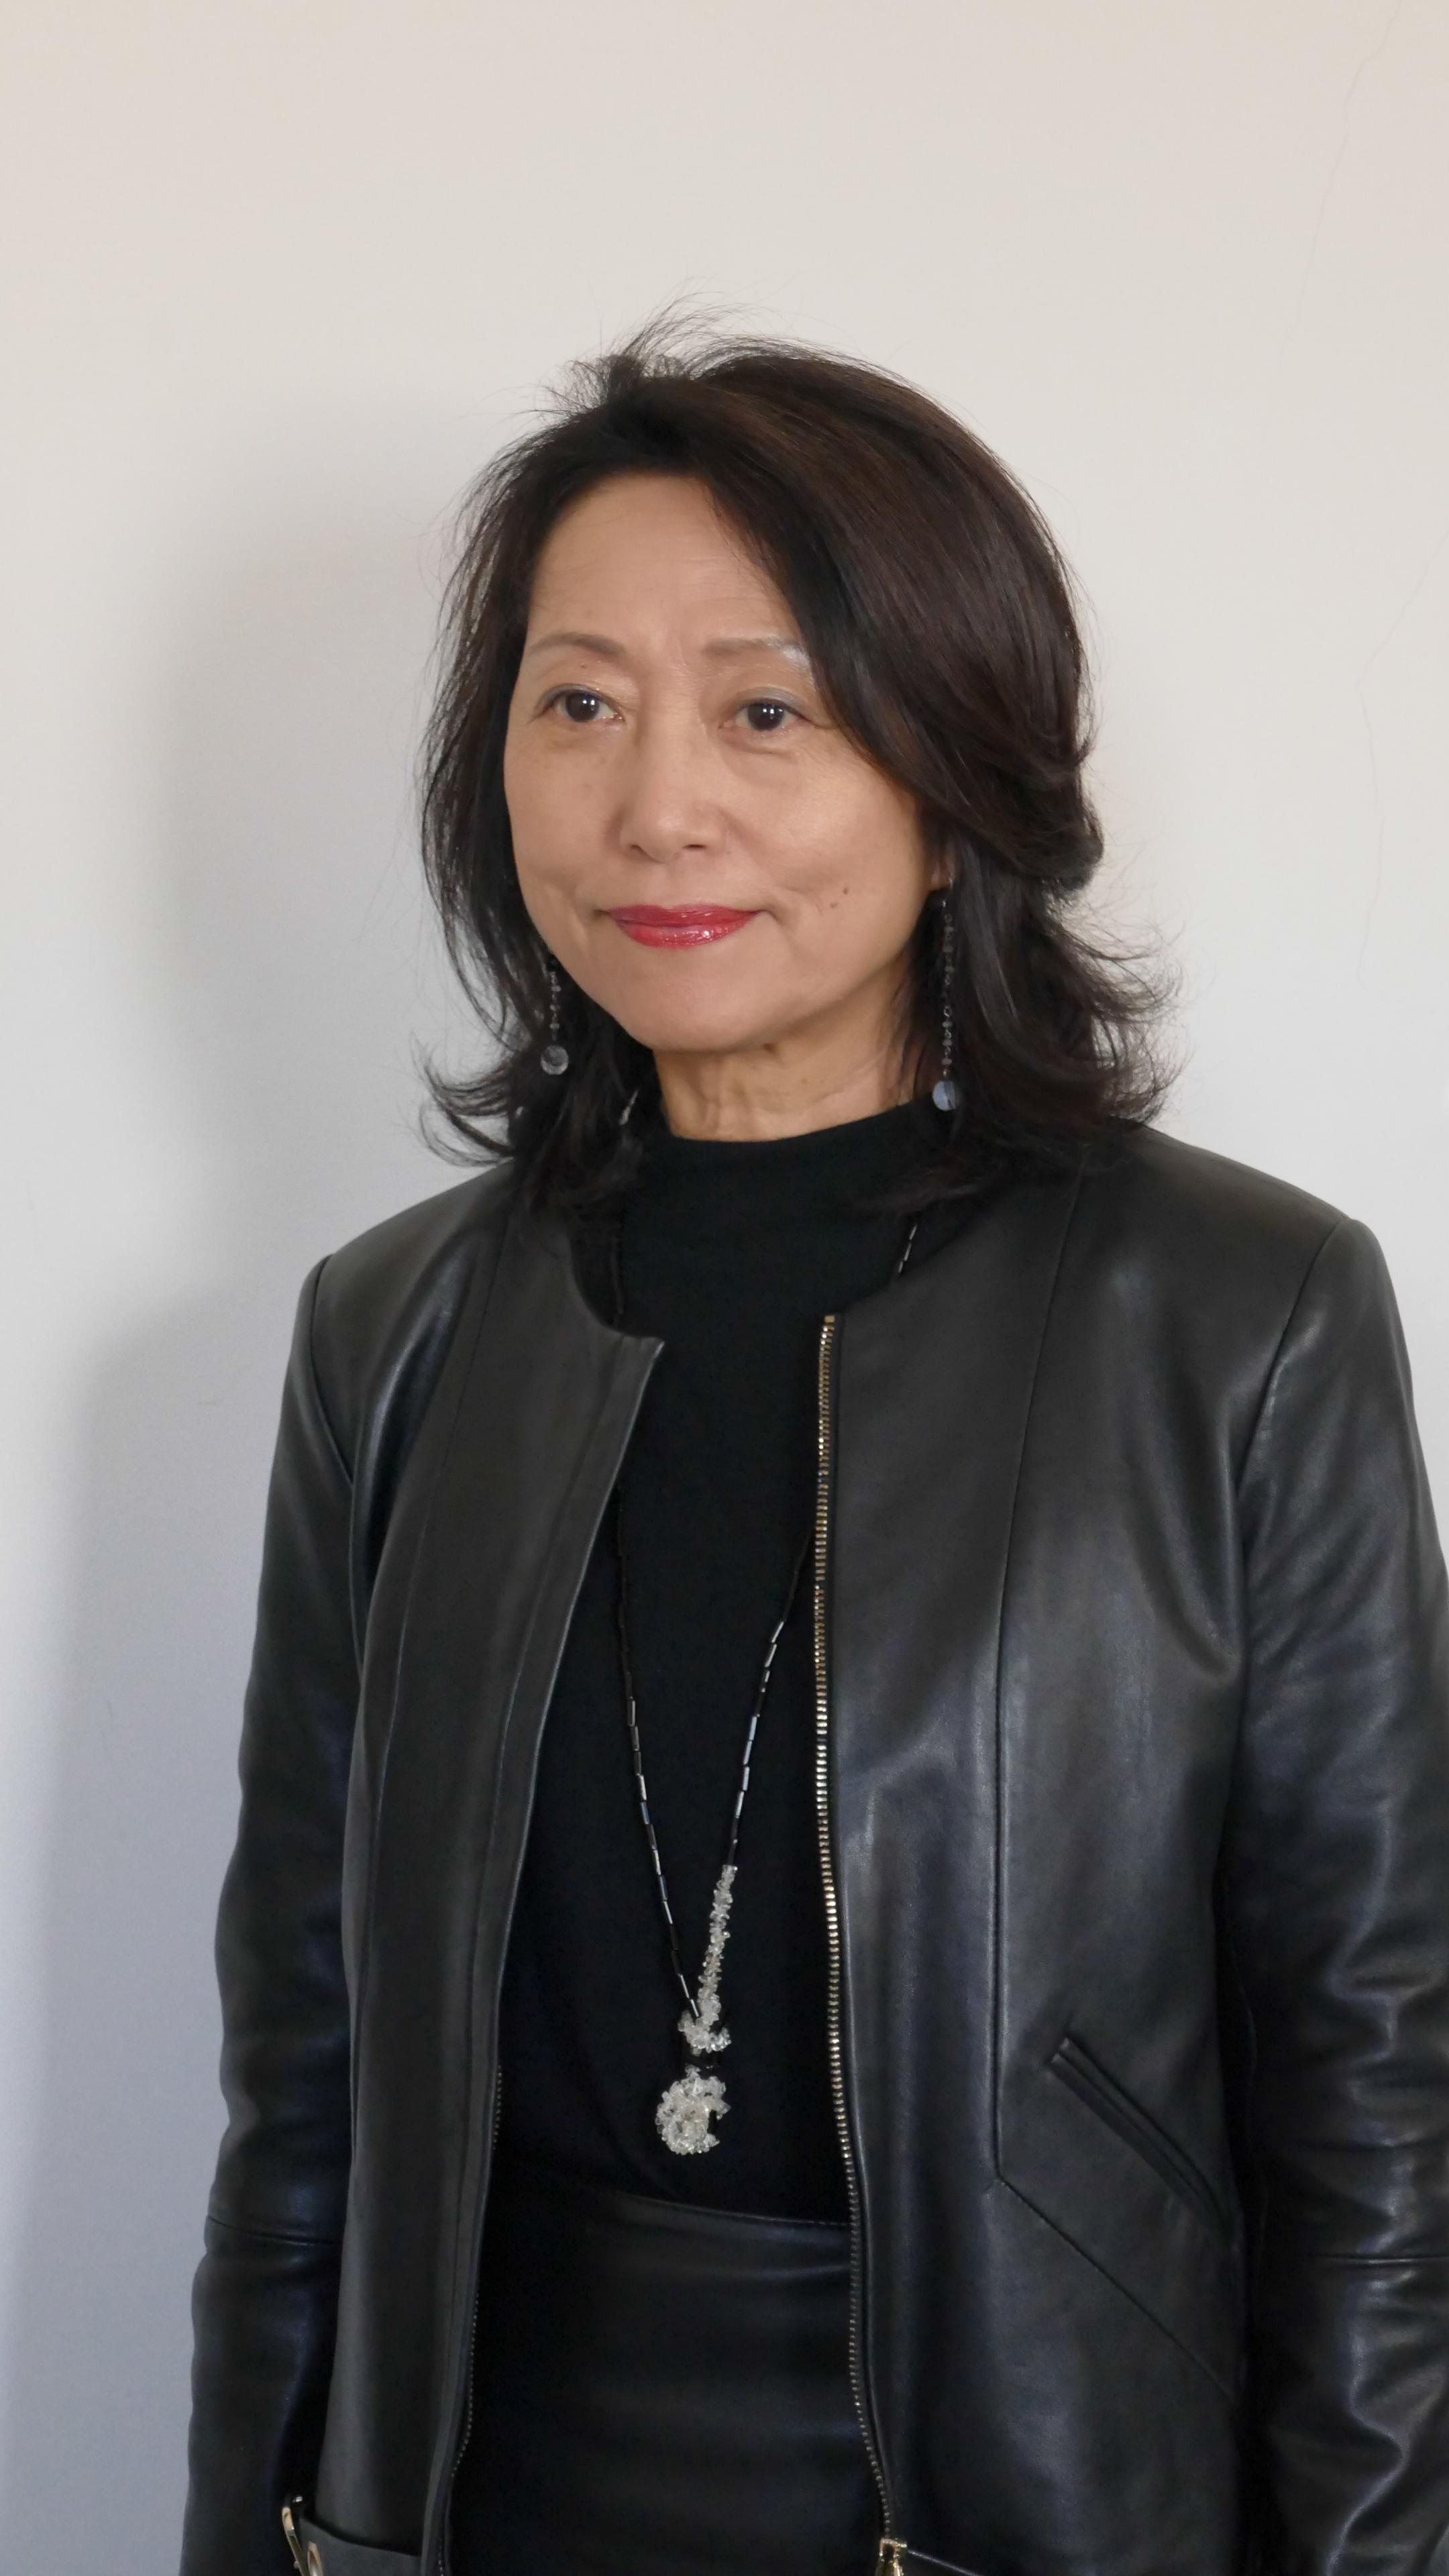 Exposition Oscar Oiwa – Rio, Tokyo, Paris : des villes, des jeux, interview de la commissaire, madame Aomi Okabe